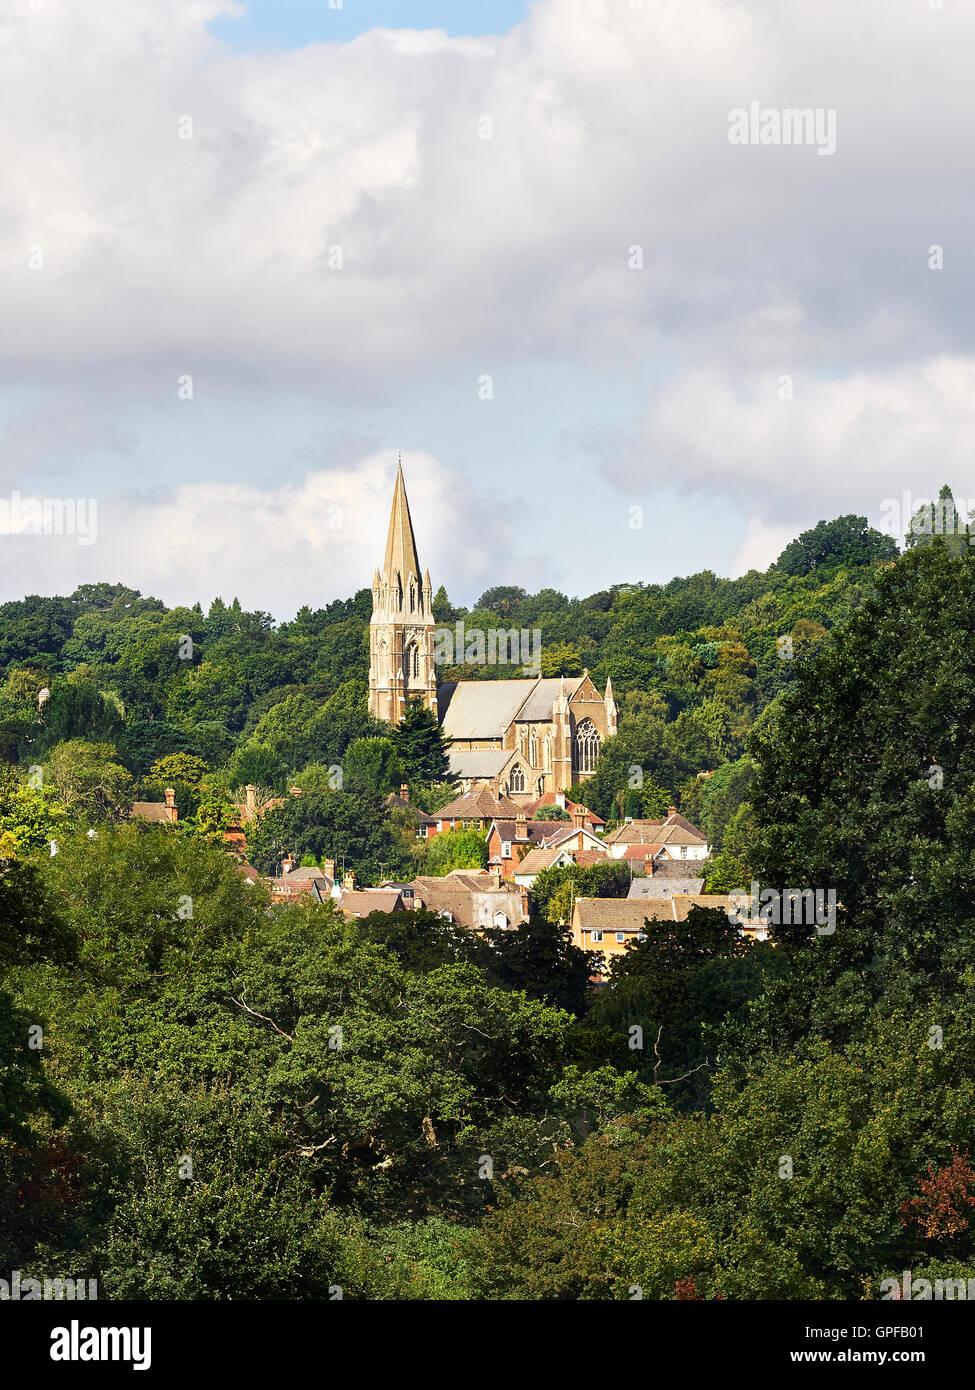 Redhill Surrey Anglikanische St.-Johannis Kirche erbaut, in exponierter Lage auf einem Felsvorsprung der North Downs Stockbild